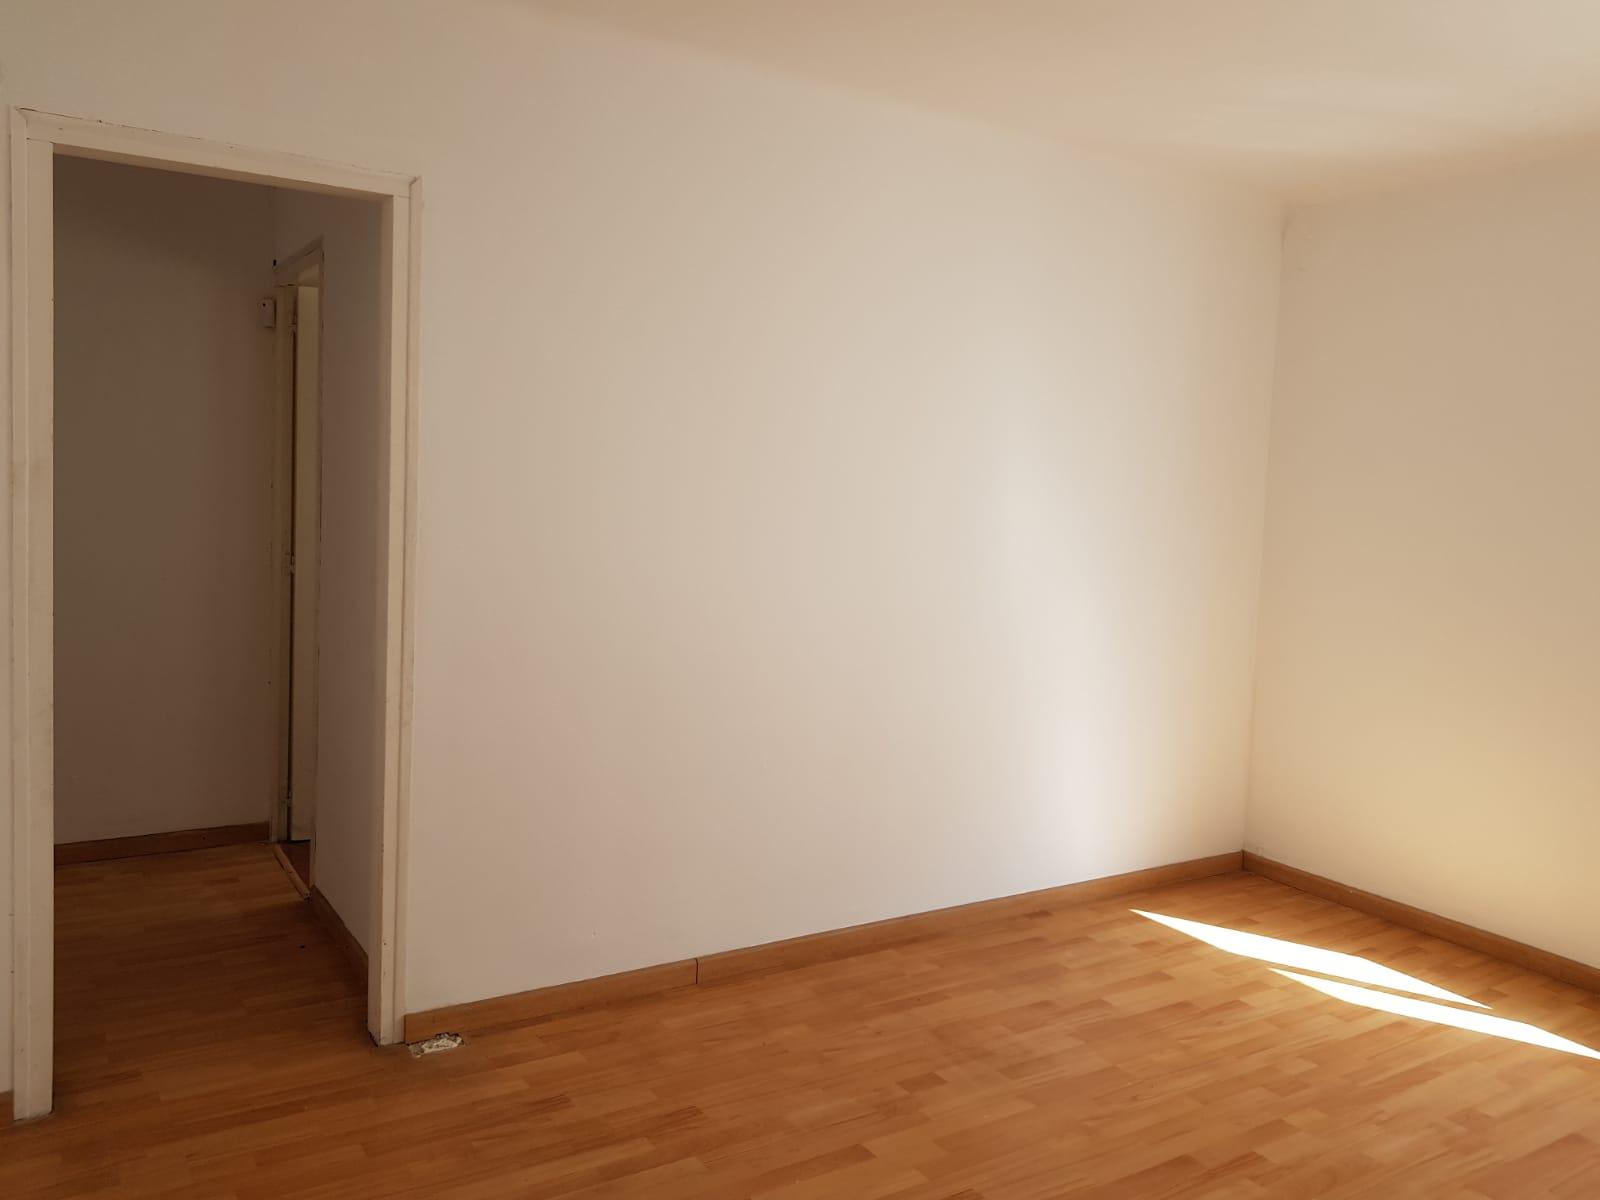 Piso en venta en Mas de Sant Salvador, Cubelles, Barcelona, Paseo Vilanova, 85.000 €, 2 habitaciones, 1 baño, 62 m2